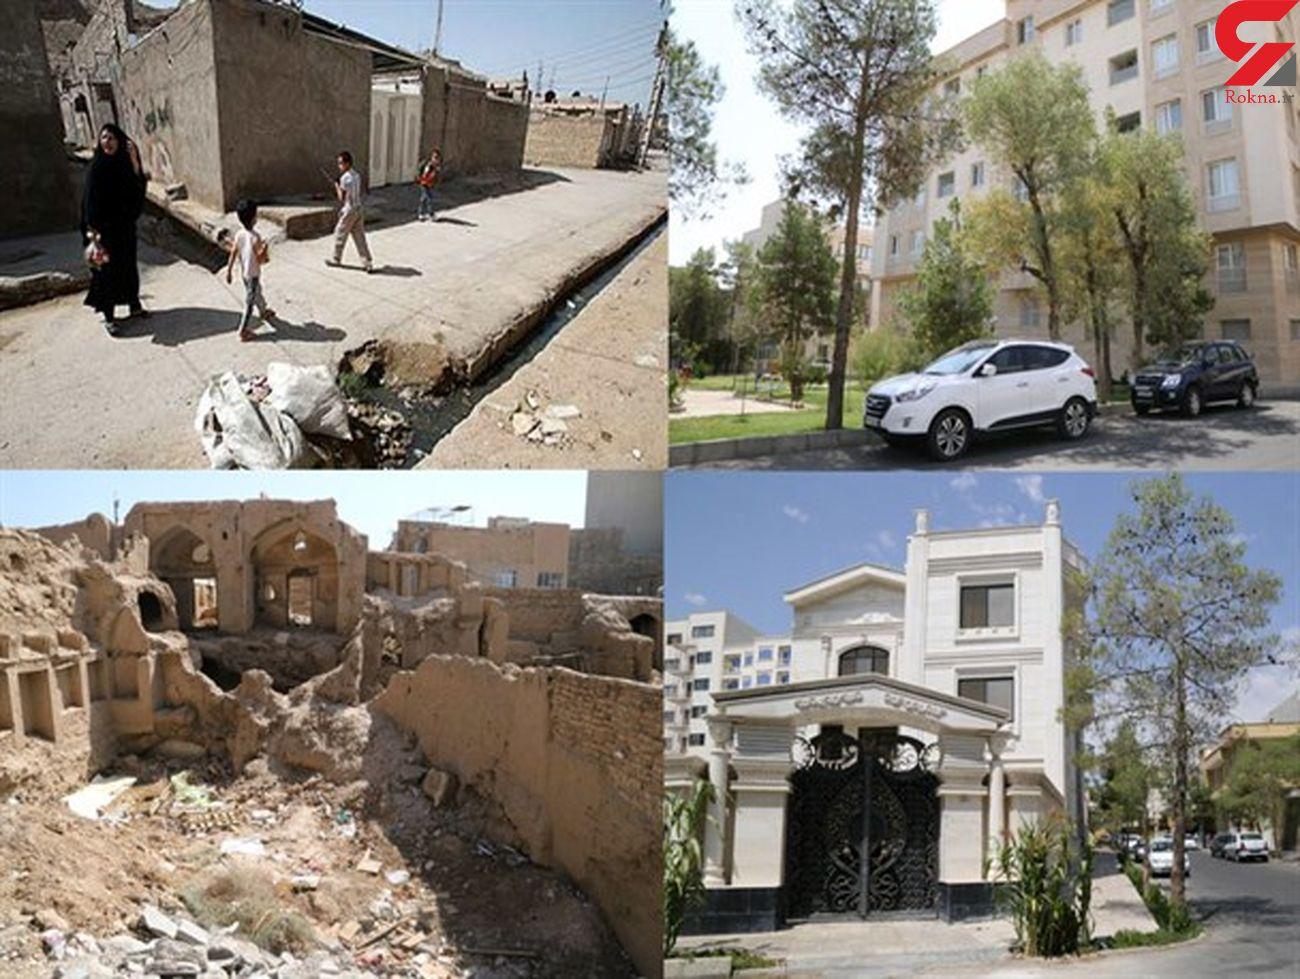 جغرافیای بزه شهری در حال گسترش / کوچ های اجباری محله ای، جنگ زا است